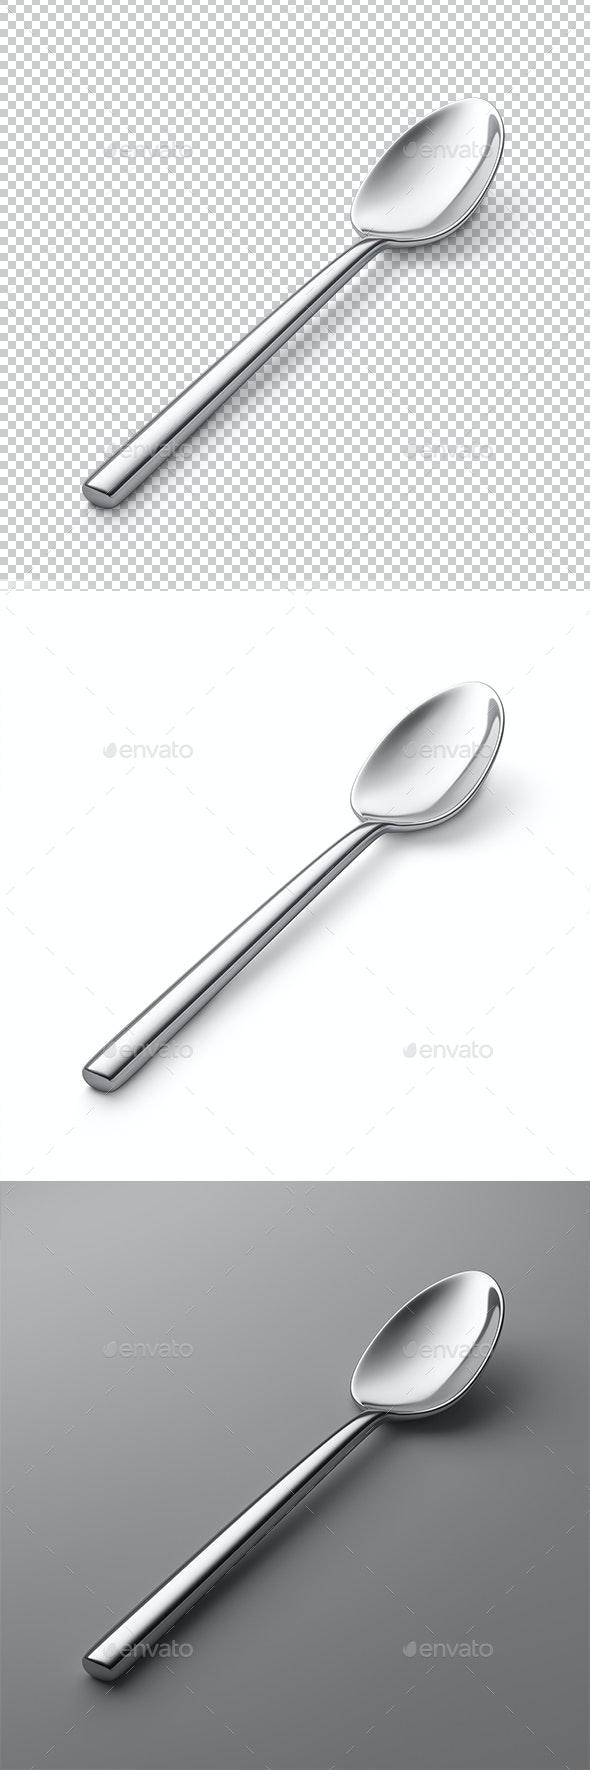 Spoon - Objects 3D Renders